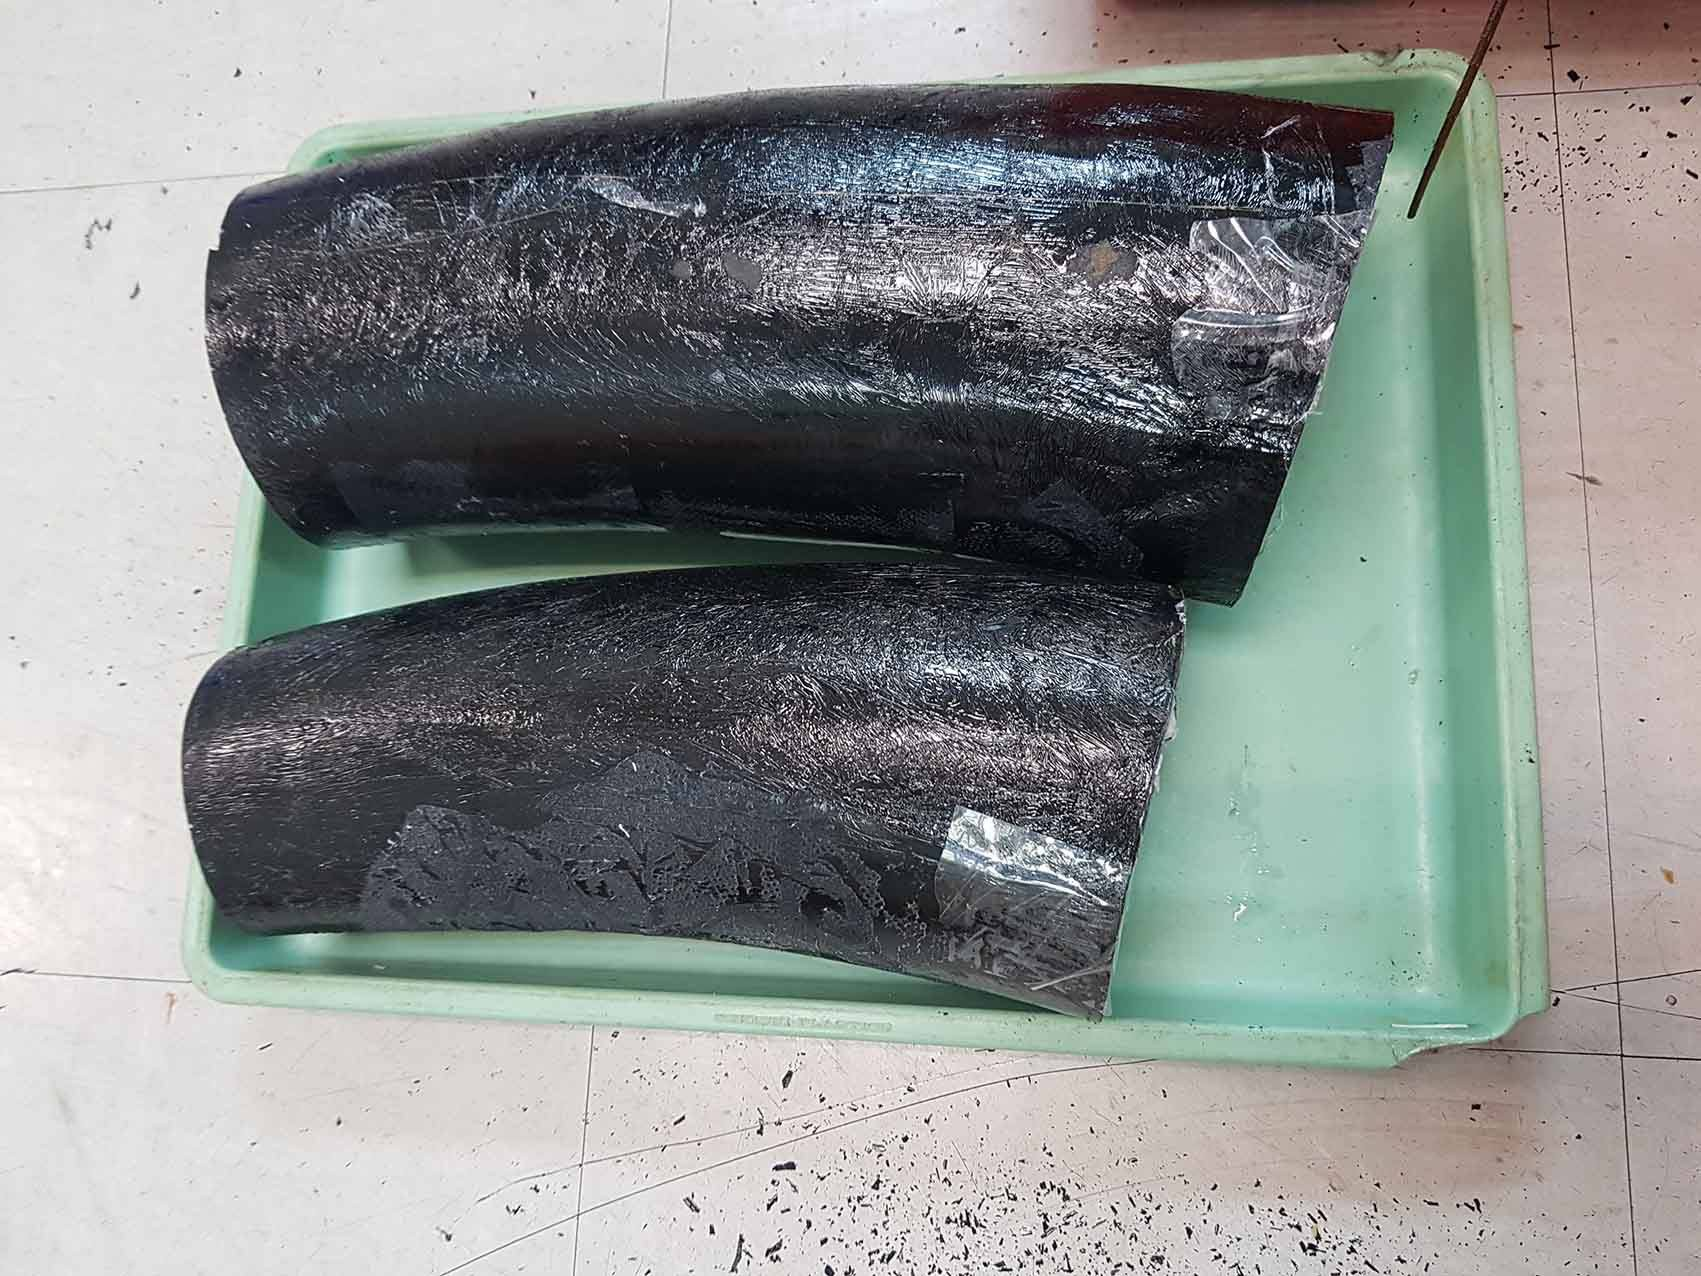 Gần 10kg ngà voi được nguỵ trang trong thùng hàng chứa tôm hùm, cá khô - Ảnh 2.